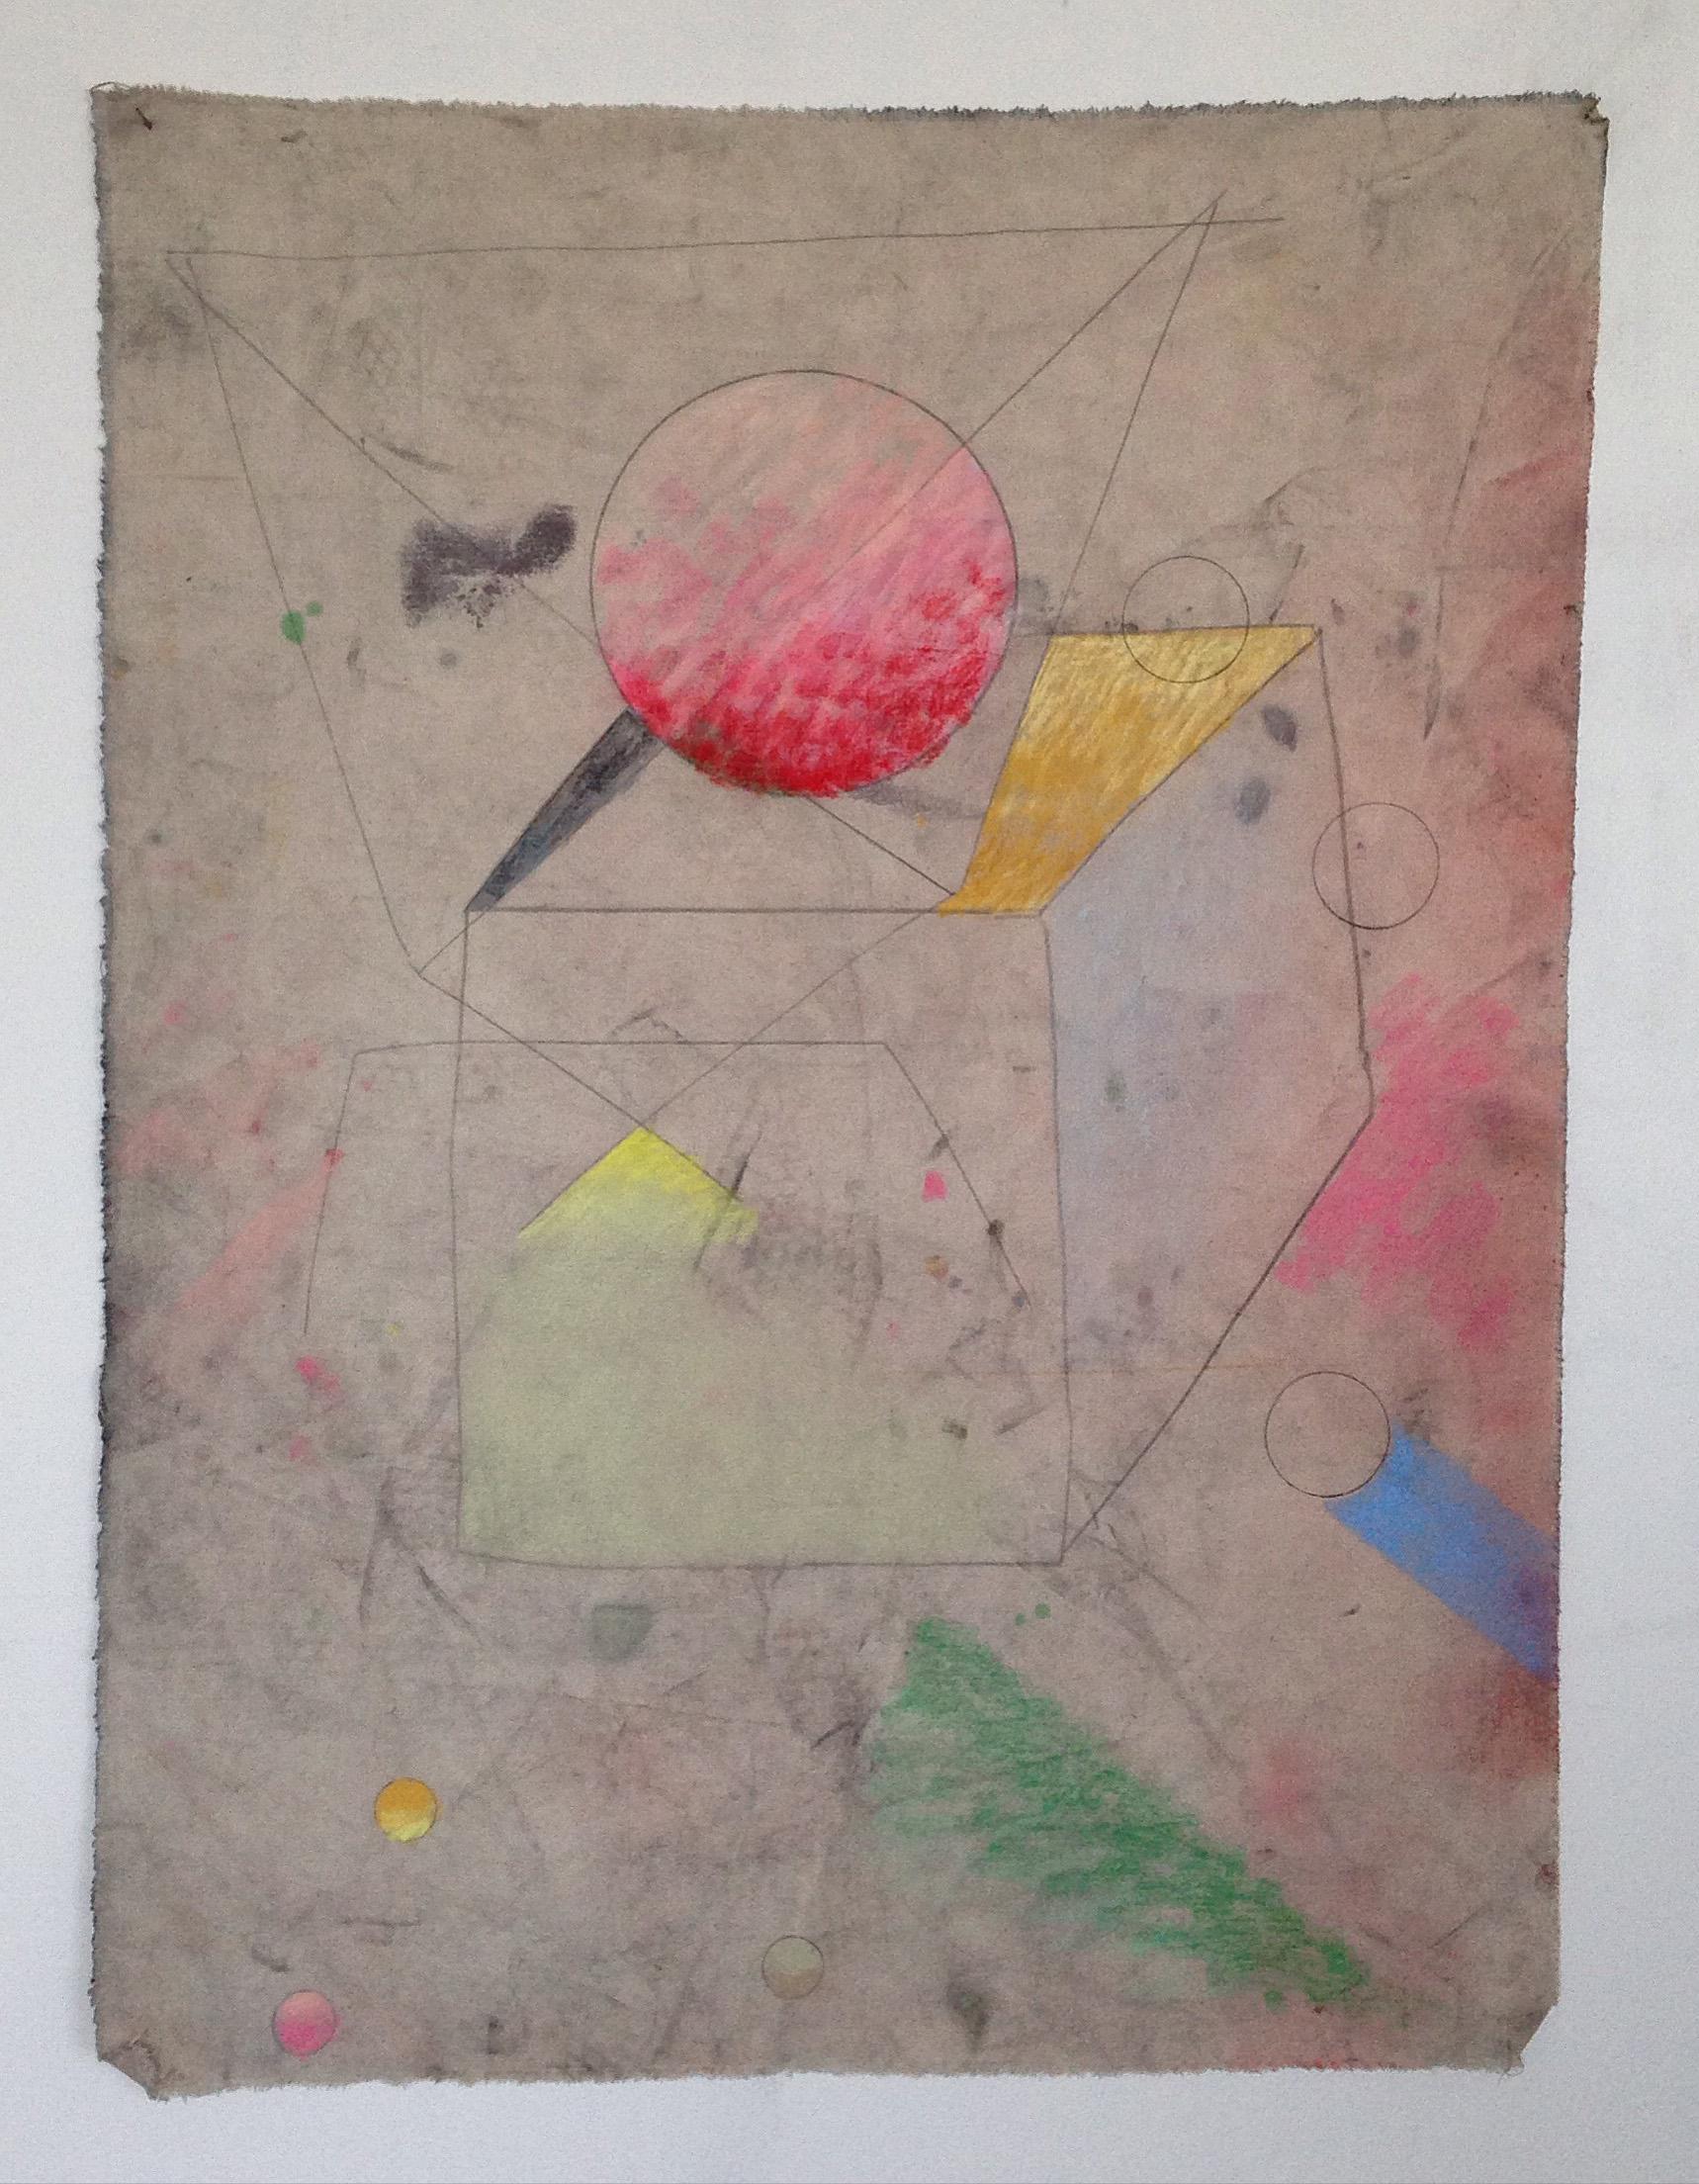 Noises, 2015 Pencil, pastel and canvas,104.5 x 79 cm